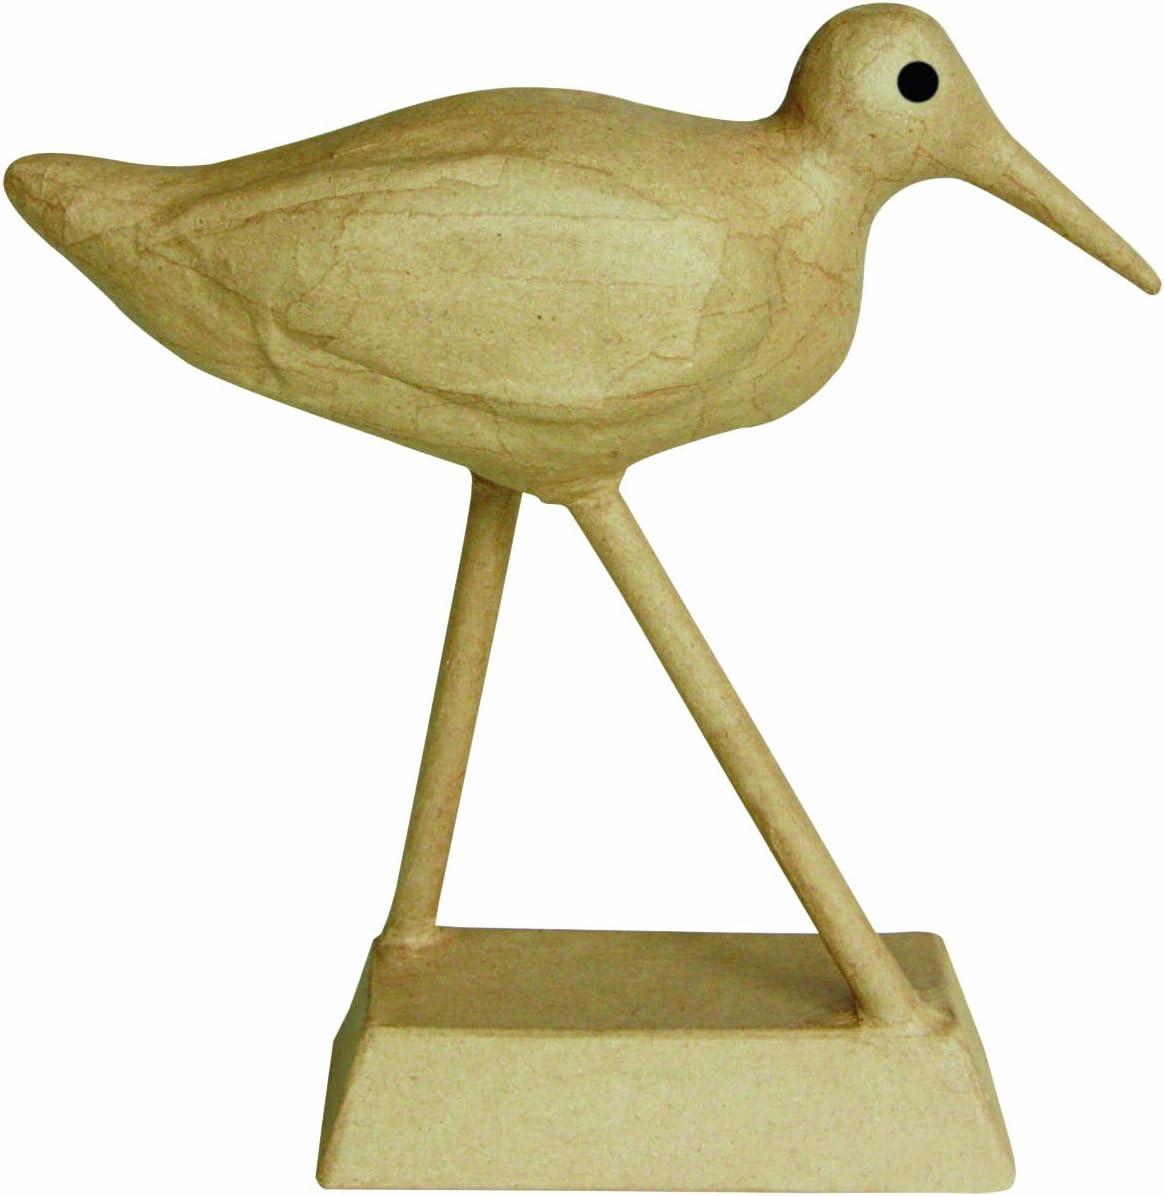 Decopatch MA107 Medium Seagull